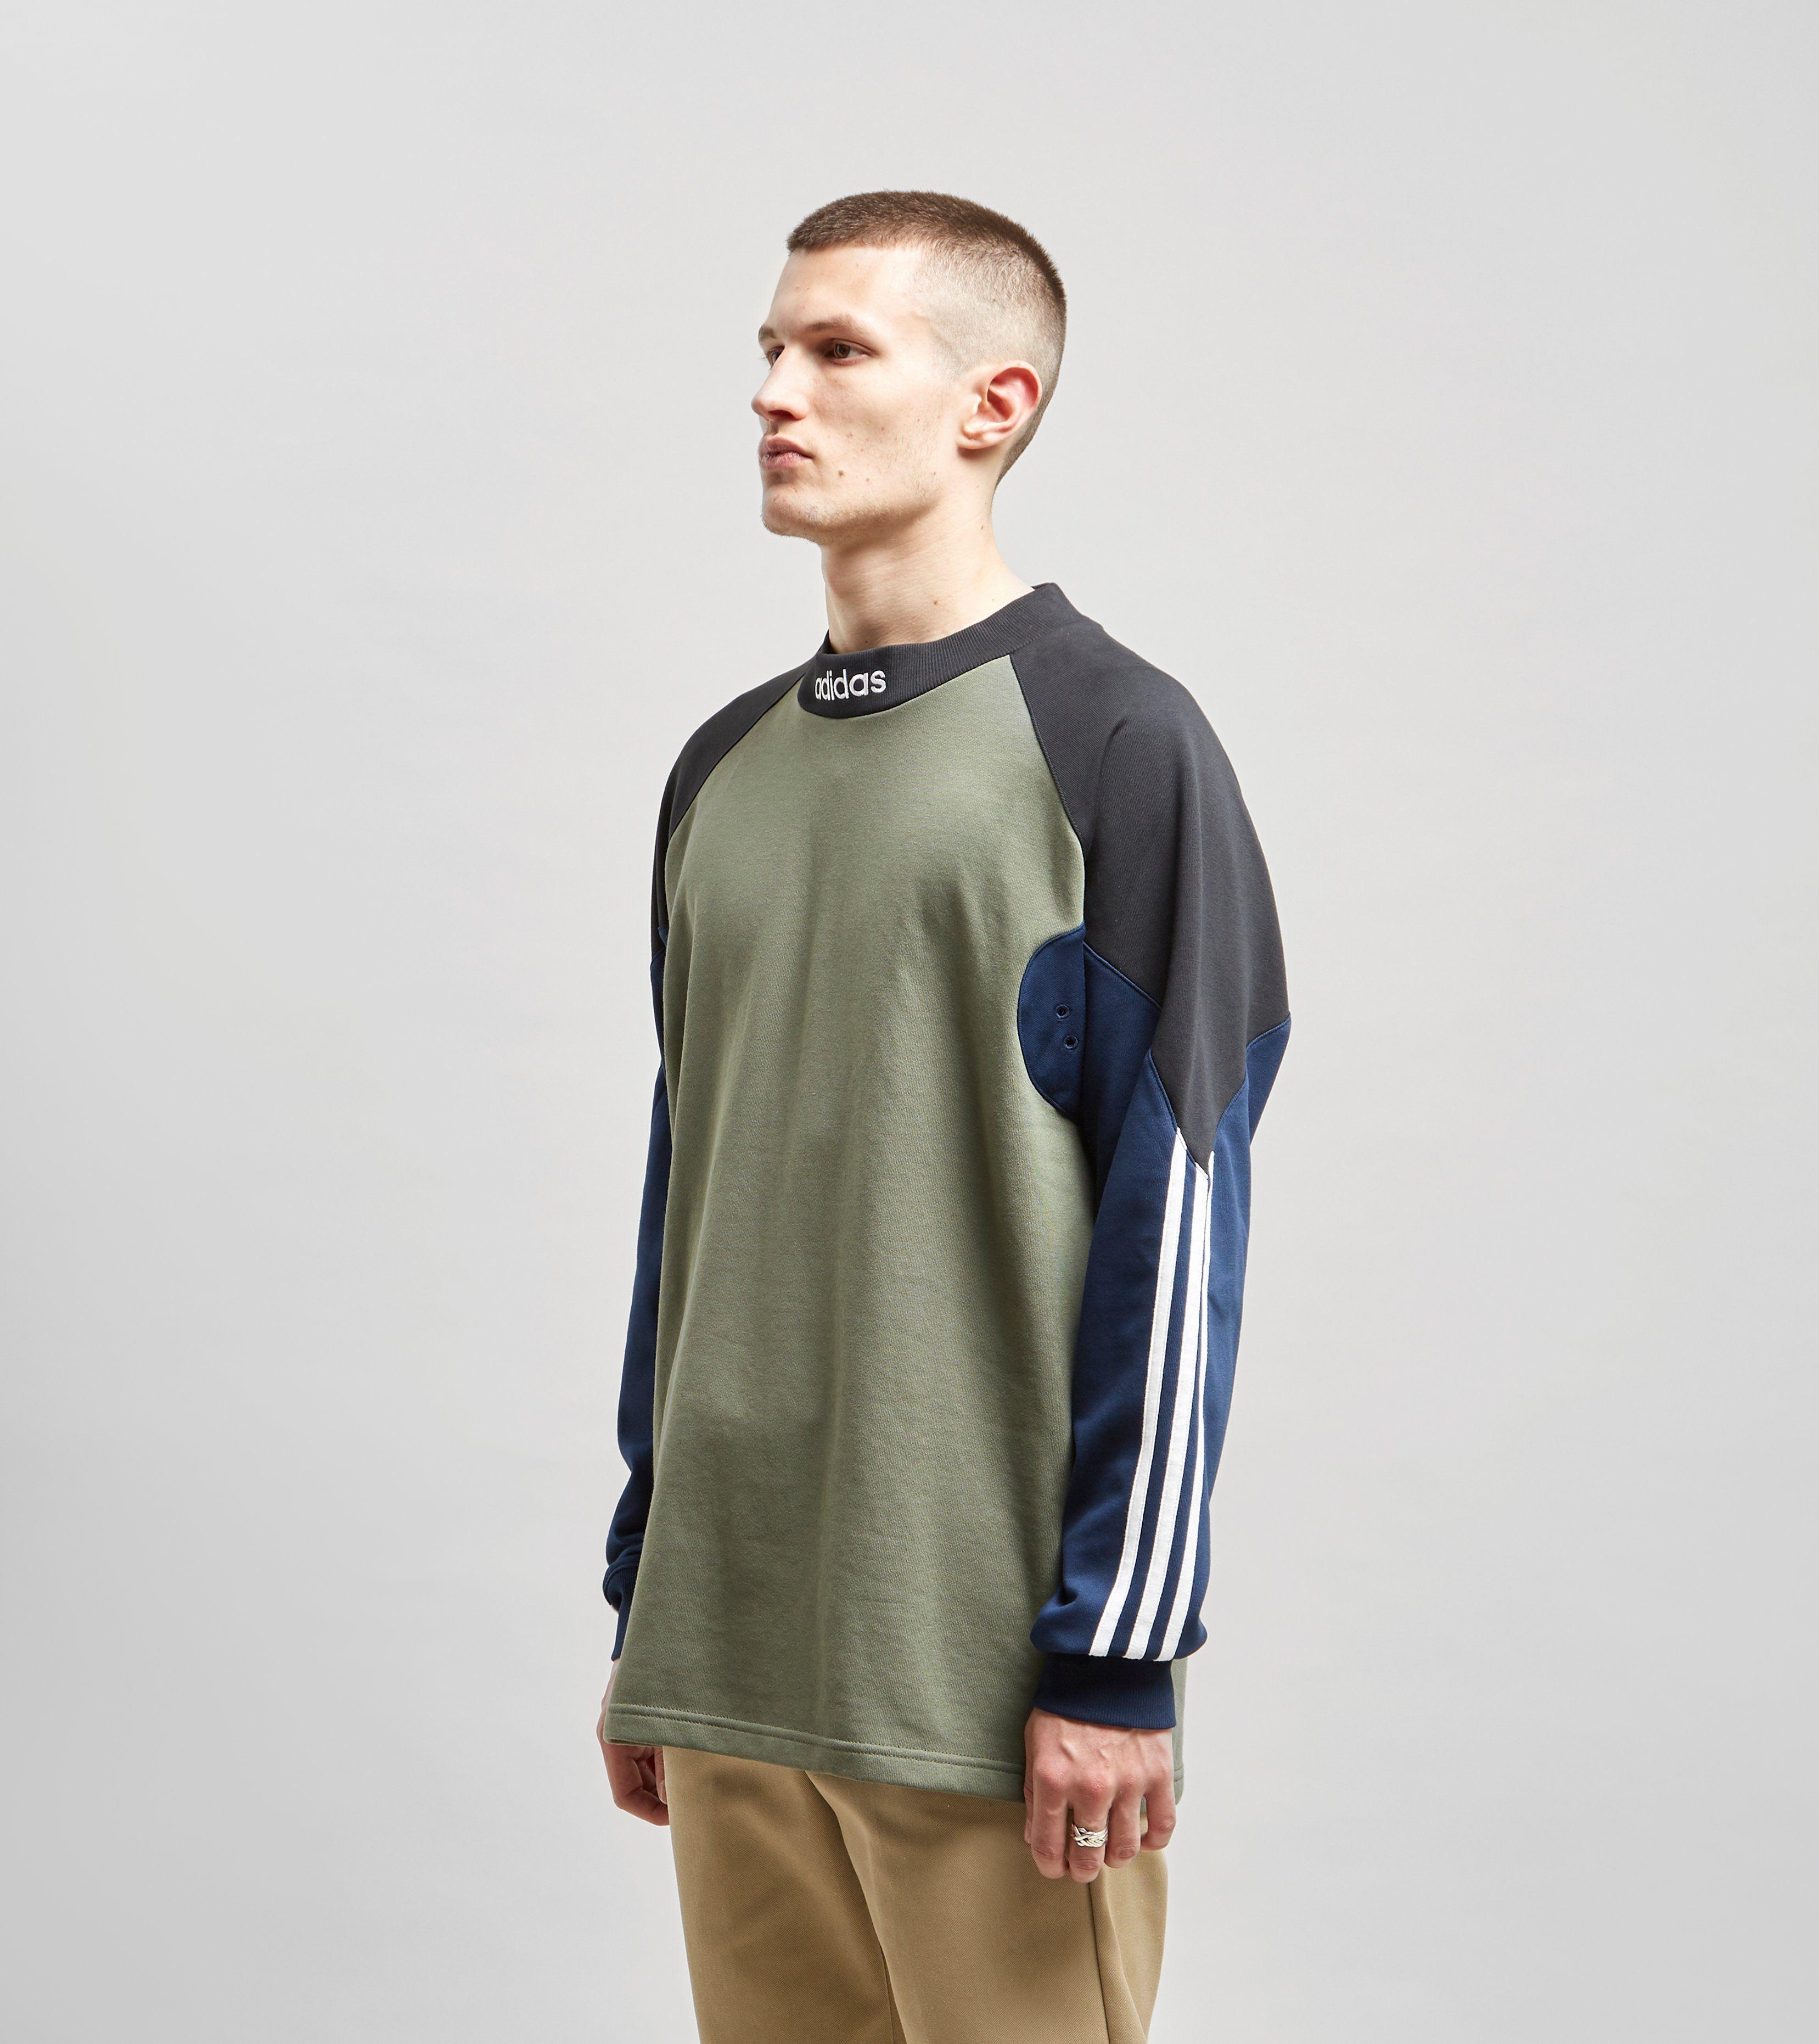 adidas Originals Skateboarding Goalie Shirt